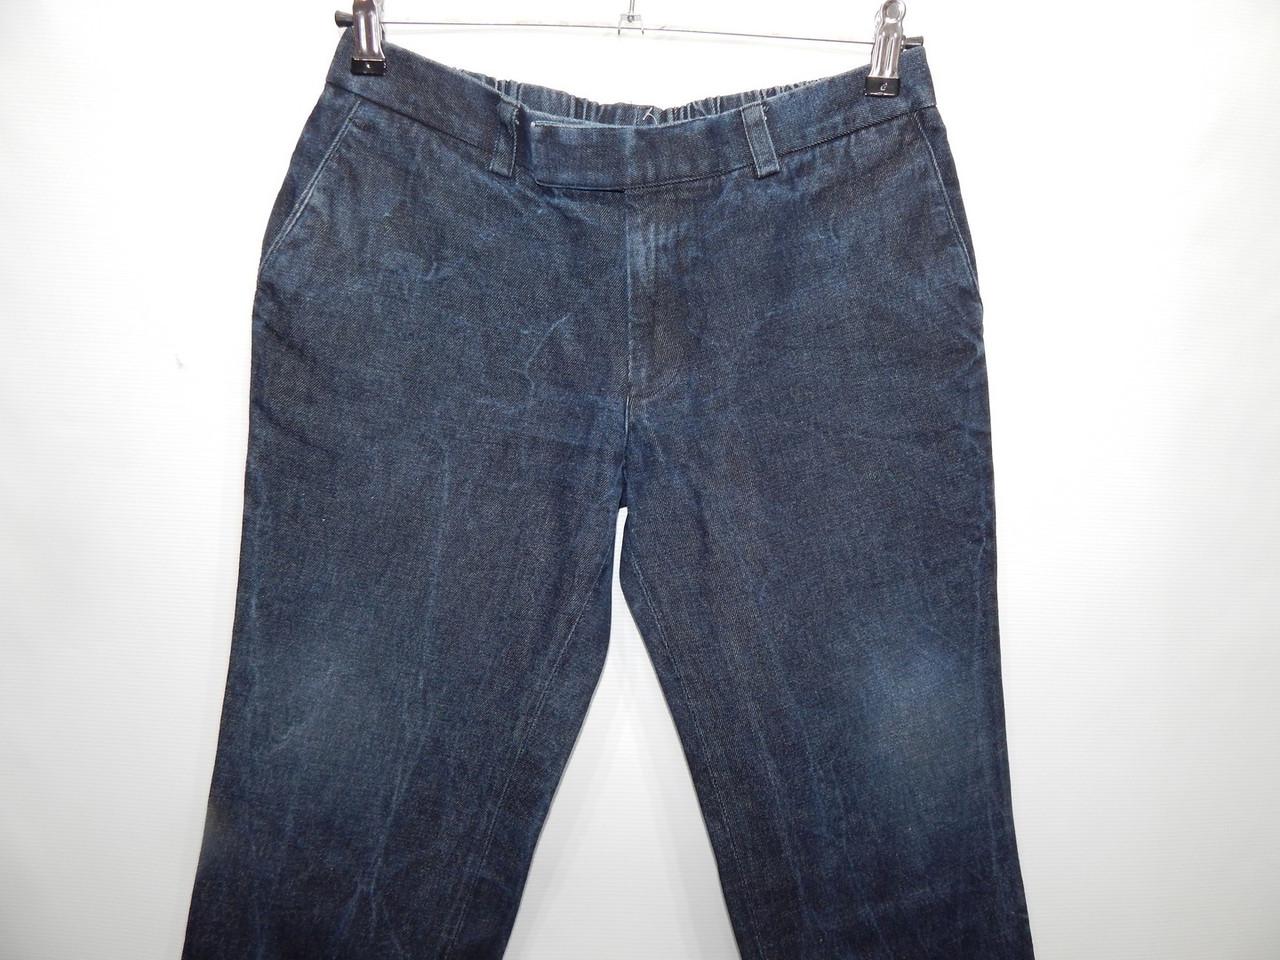 Шорты джинсовые женские удлиненные, 46-48 RUS, 38 EUR,  092GW